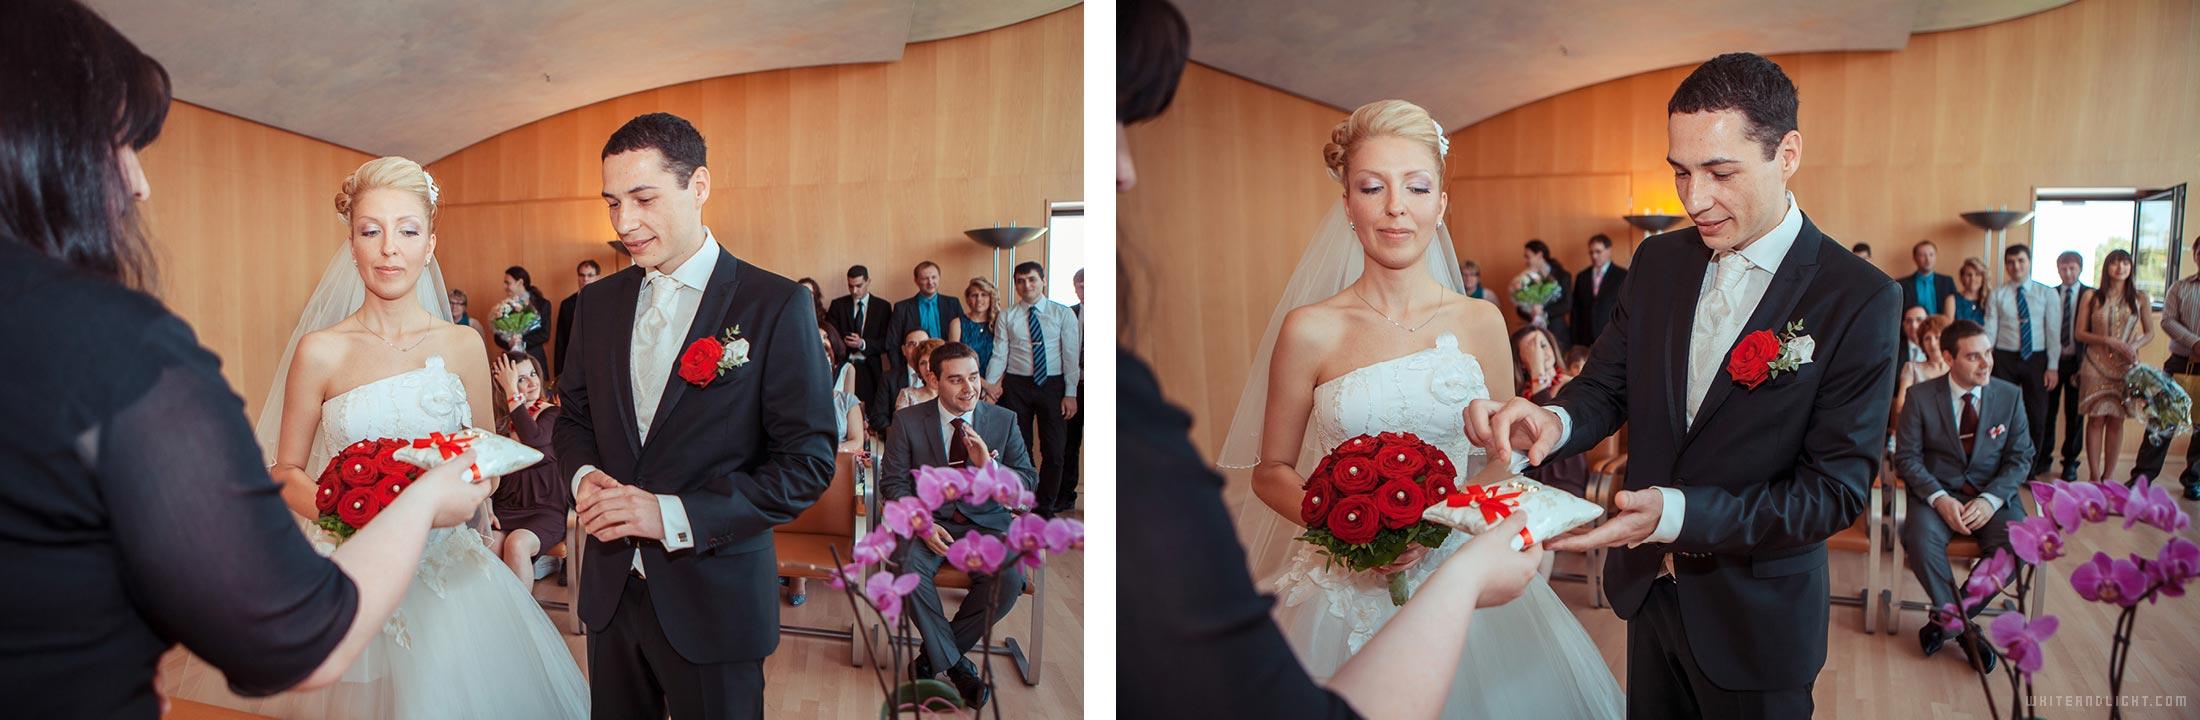 wedding photographer description